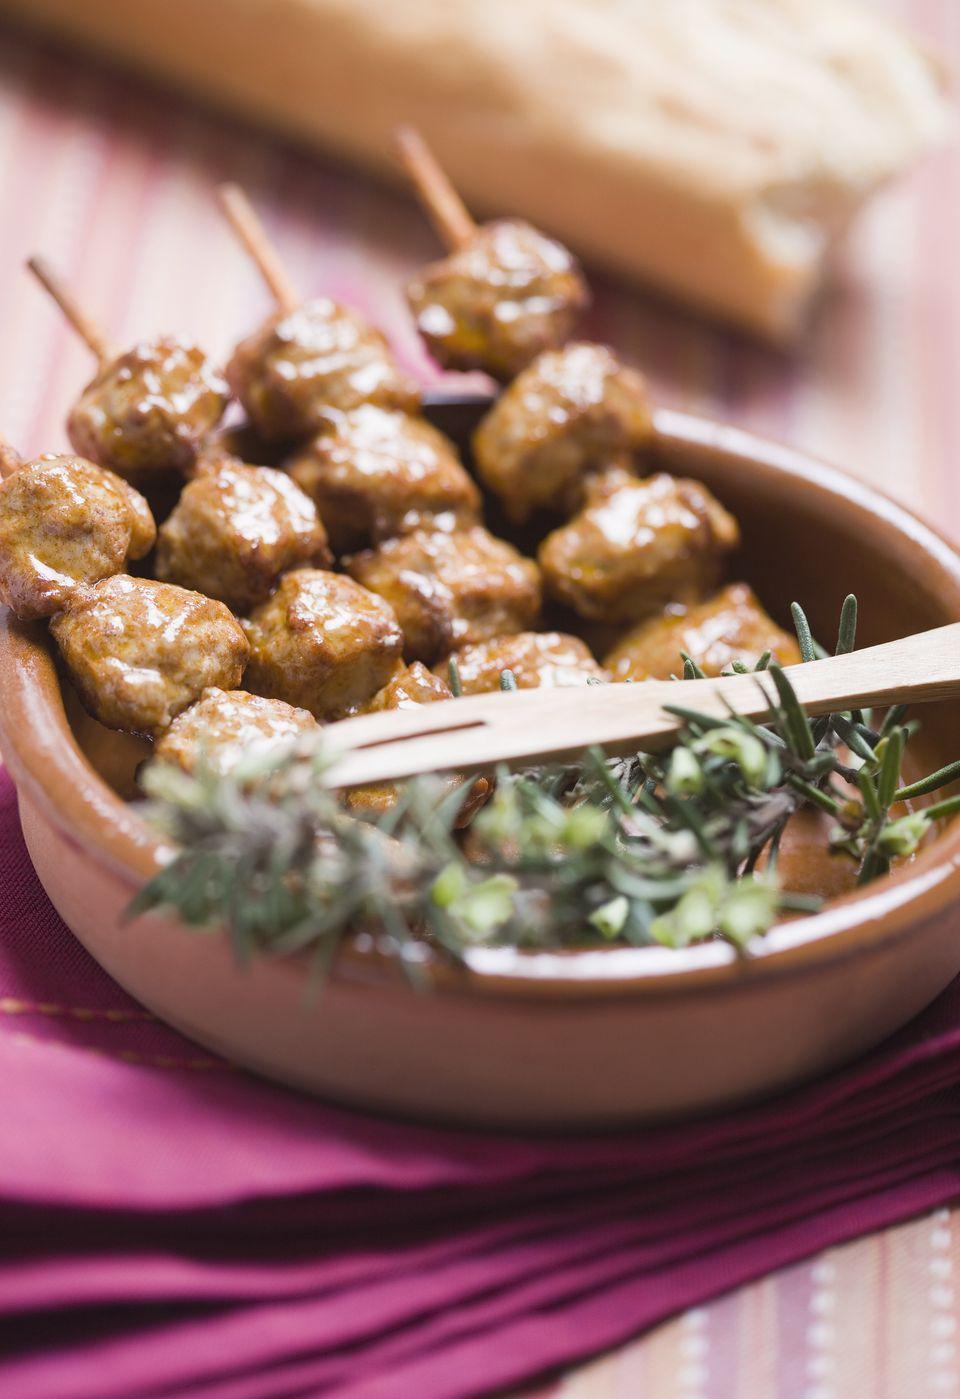 Skewered kebabs of marinated beef